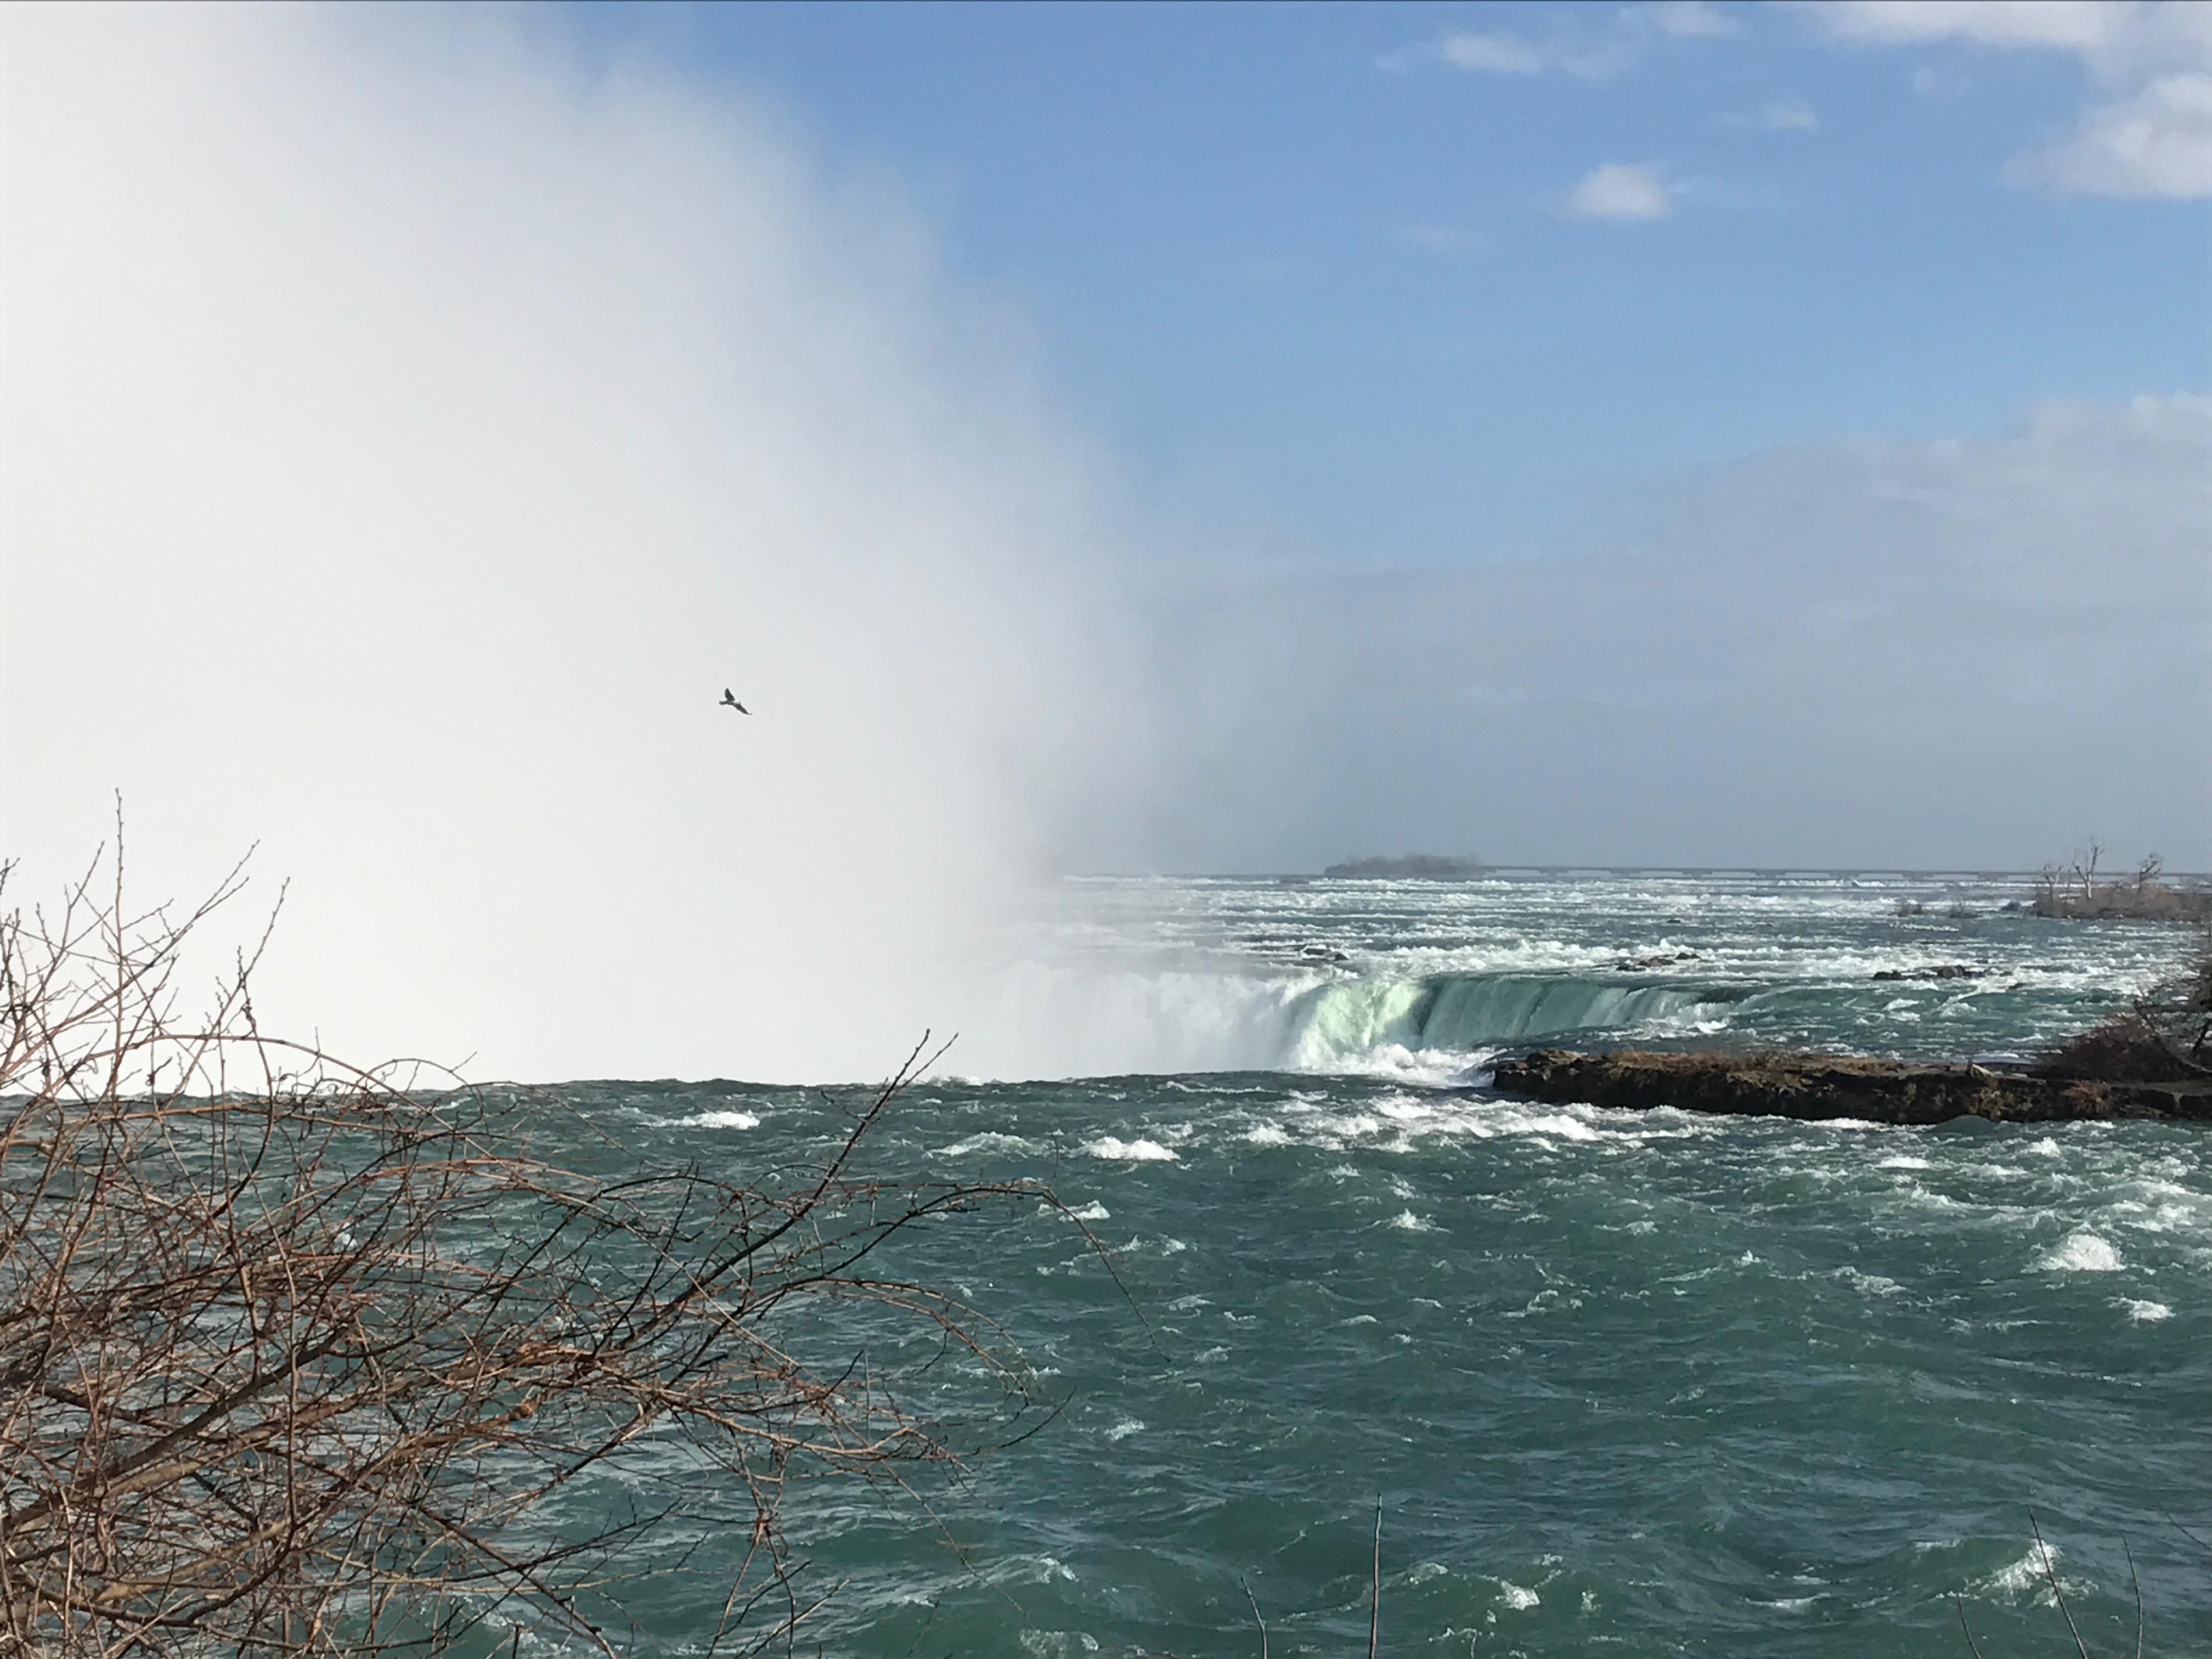 ナイアガラの滝ニューヨーク日帰りツアーの日程詳細|口コミ評判